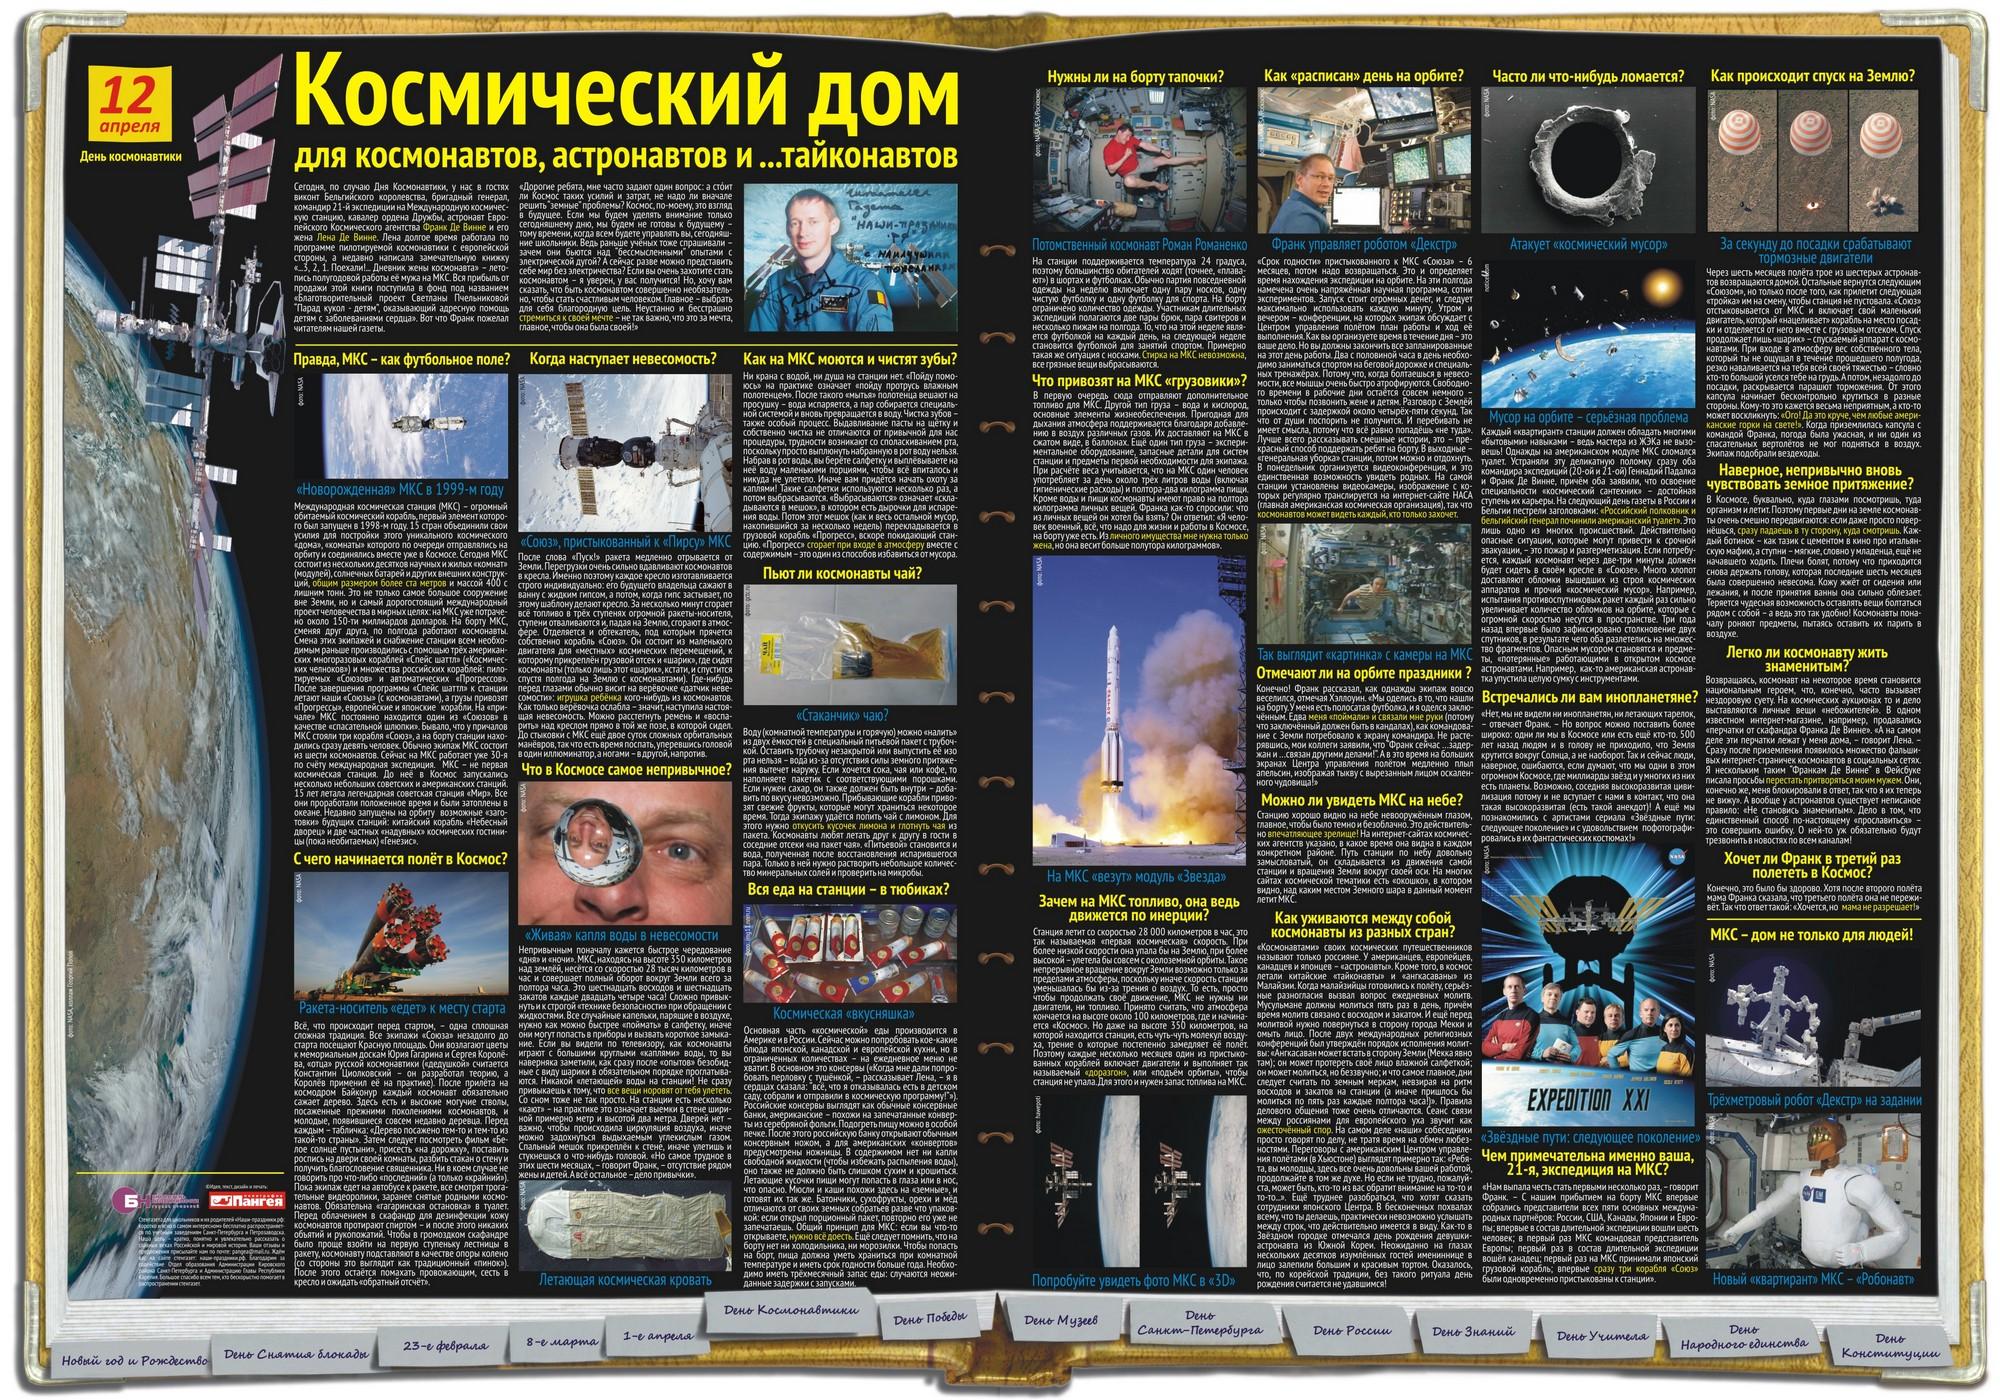 Стенгазета Космический дом (устройство МКС).